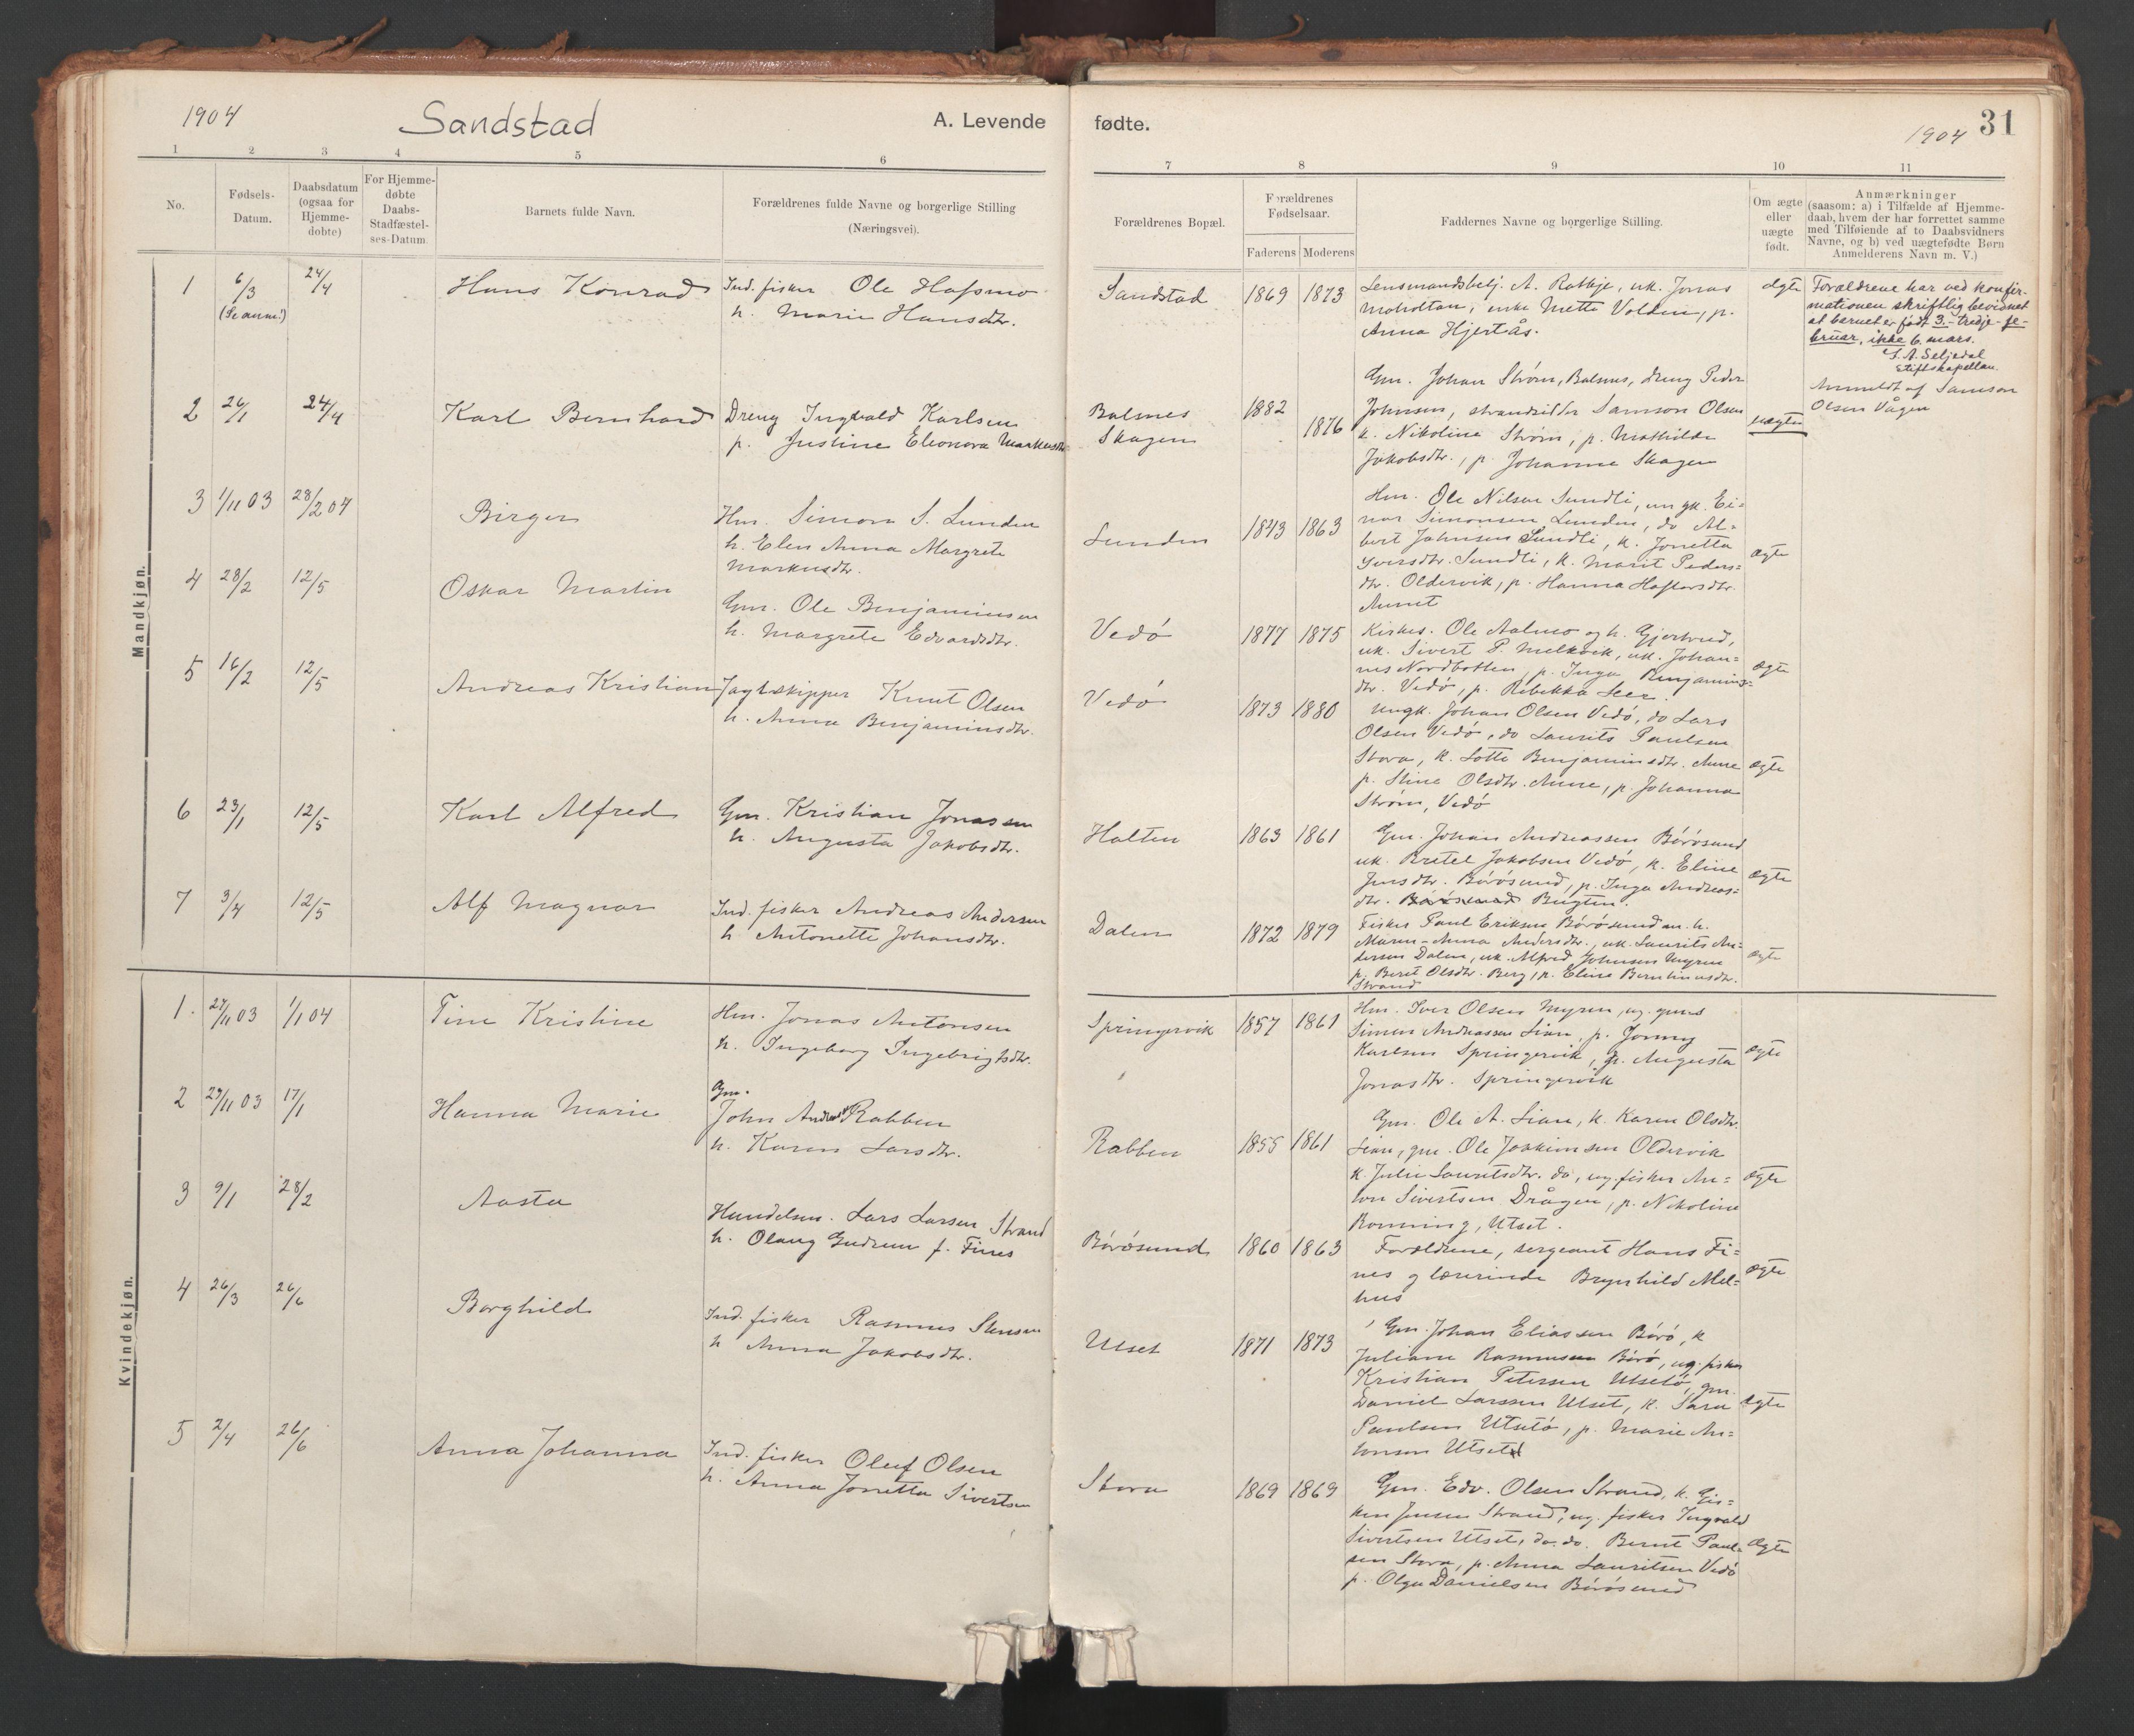 SAT, Ministerialprotokoller, klokkerbøker og fødselsregistre - Sør-Trøndelag, 639/L0572: Ministerialbok nr. 639A01, 1890-1920, s. 31